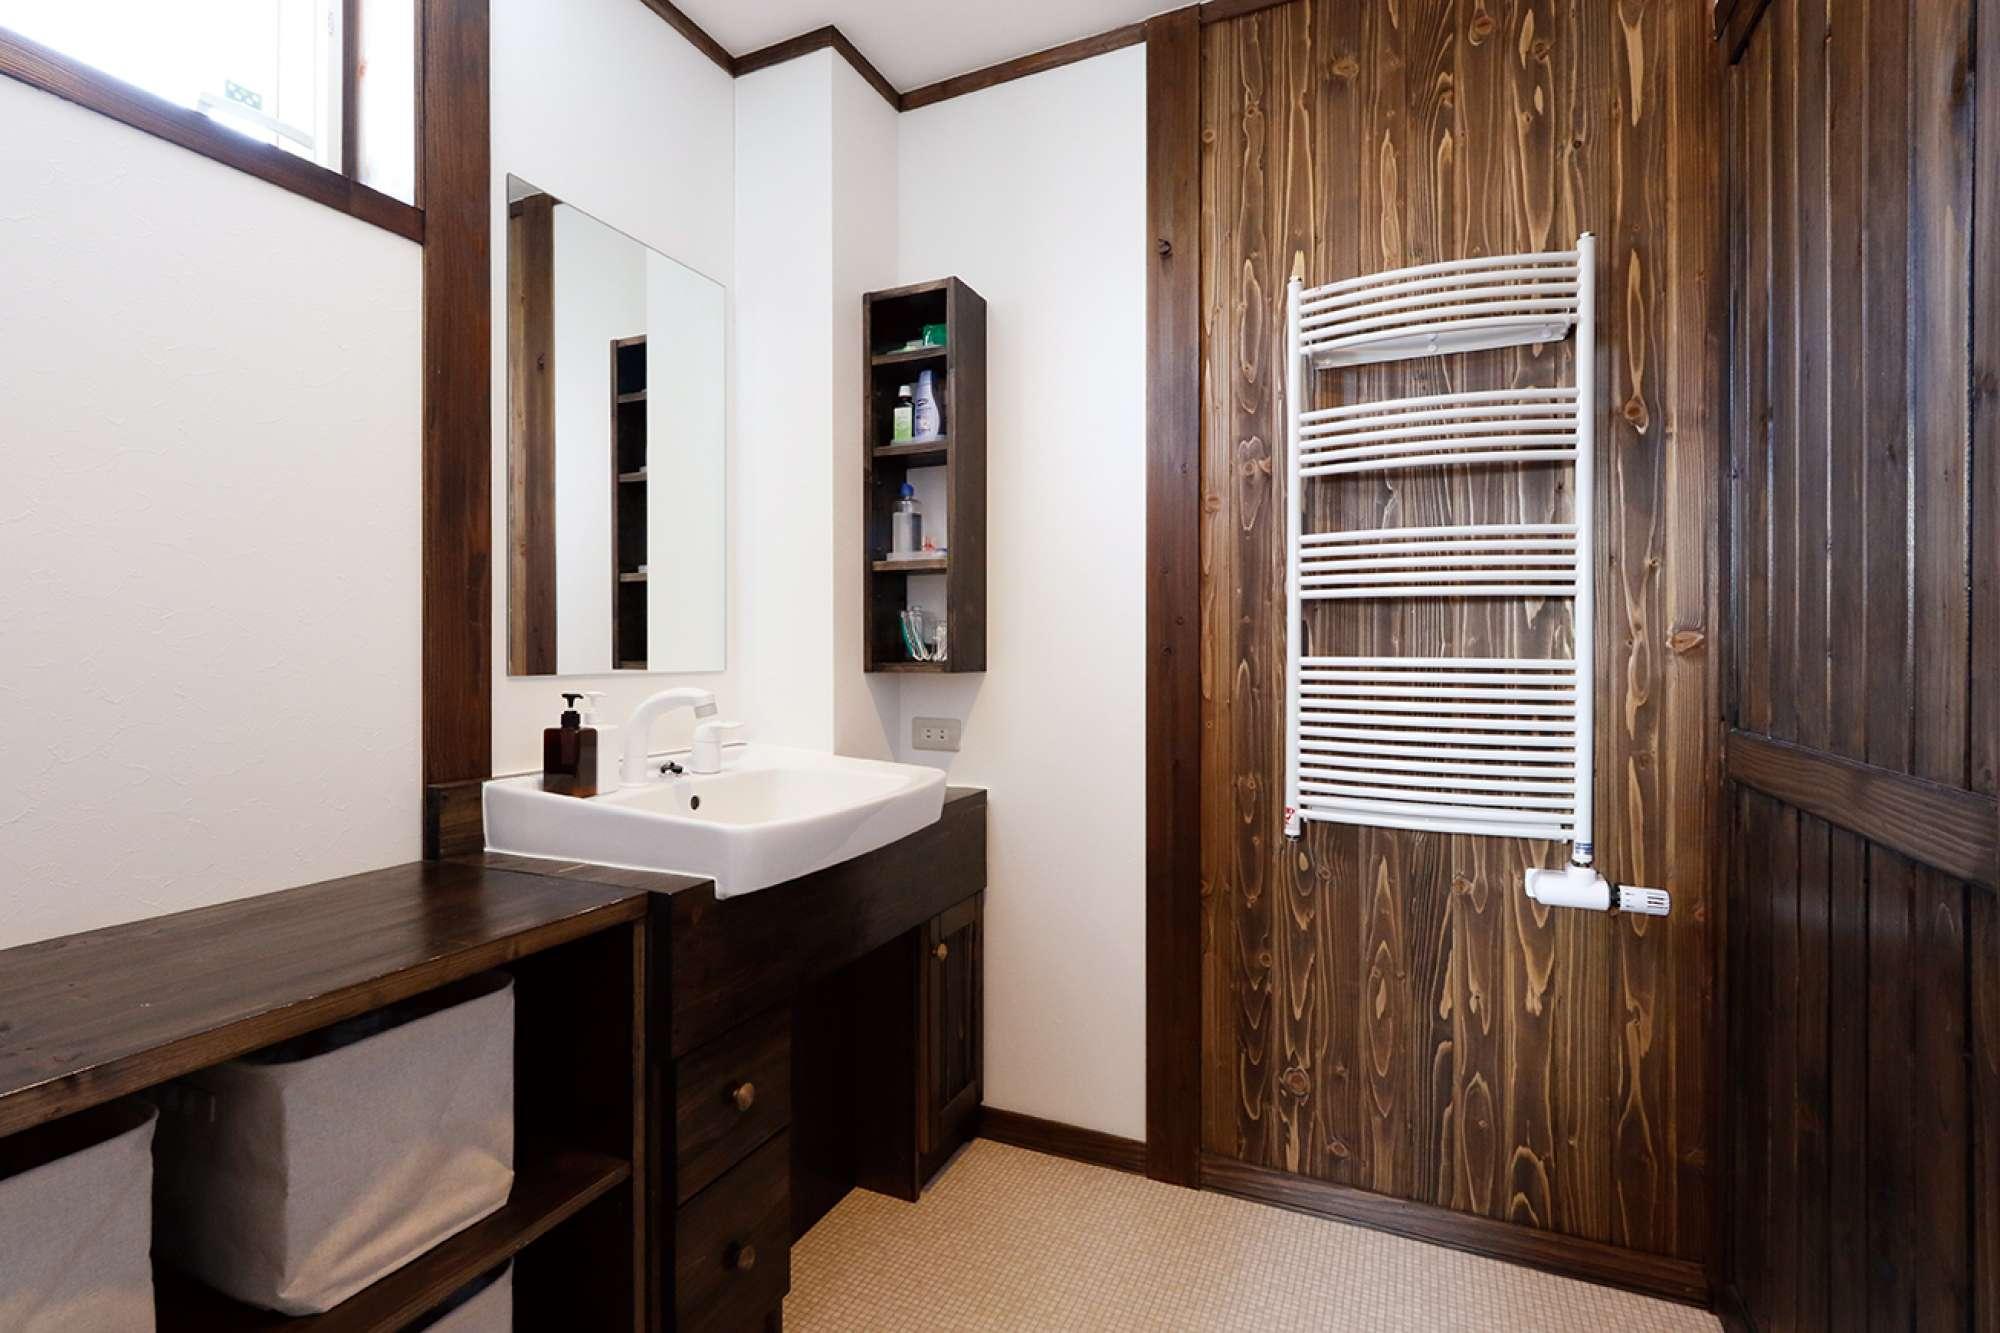 1階に配した木目が美しい木張りの壁と造作洗面化粧台 -  -  -